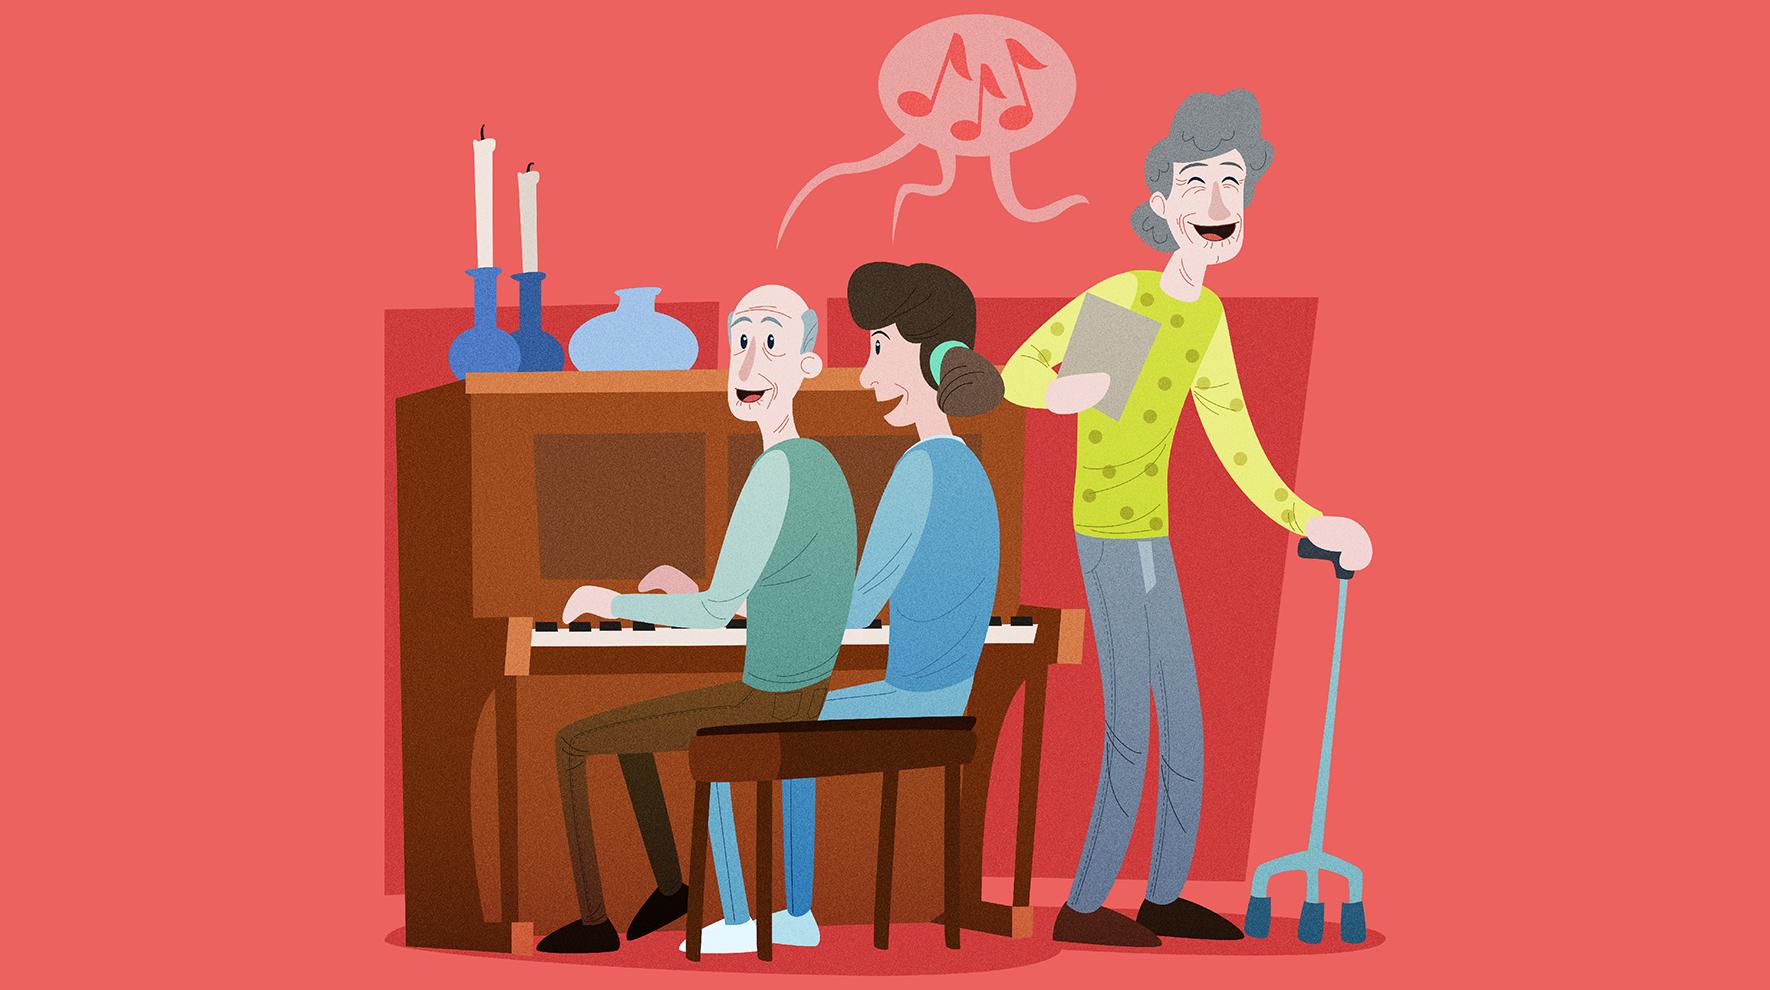 tegning av noen som spiller piano og en som synger